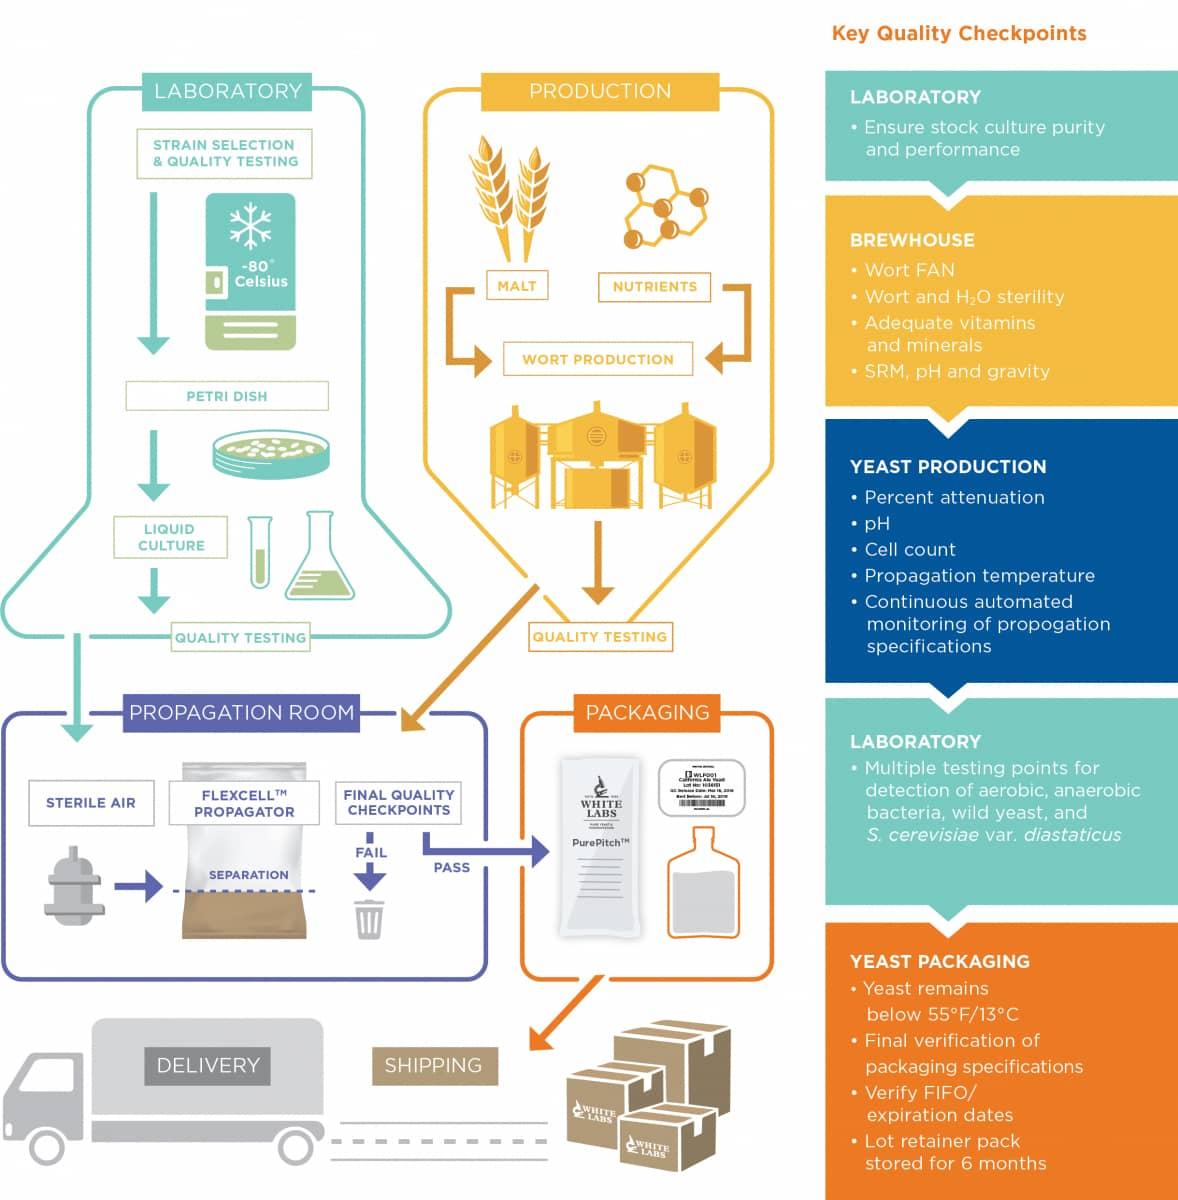 White Labs Yeast Propagation Process